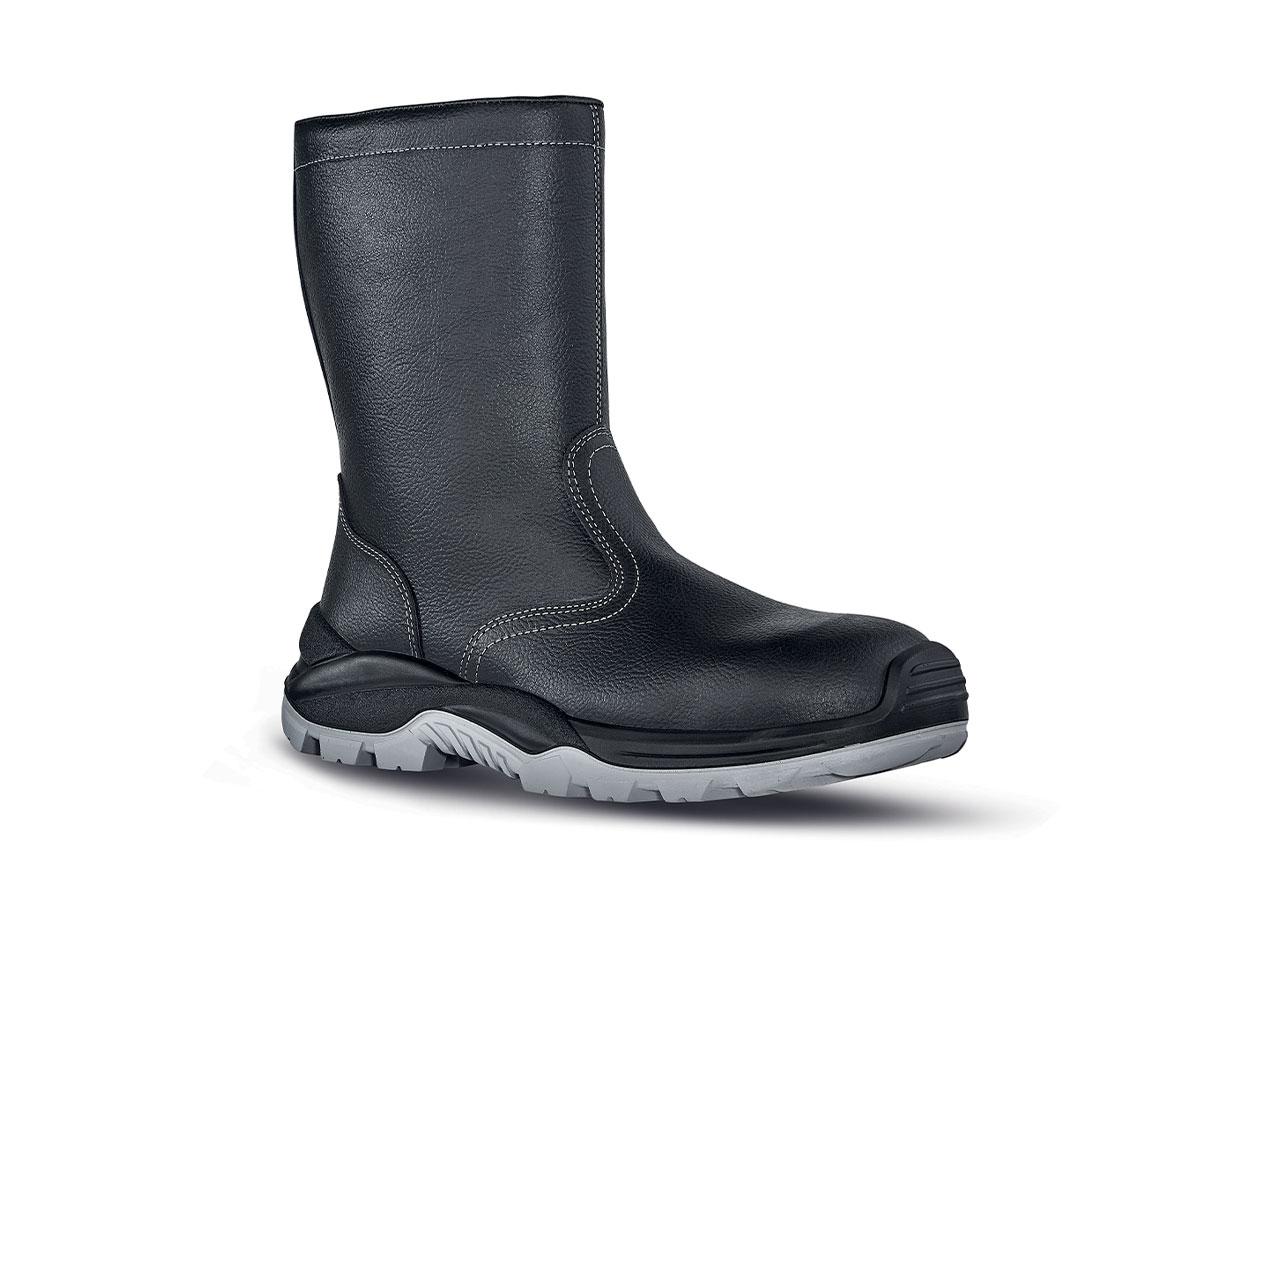 scarpa antinfortunistica upower modello siberian linea rock_roll vista laterale